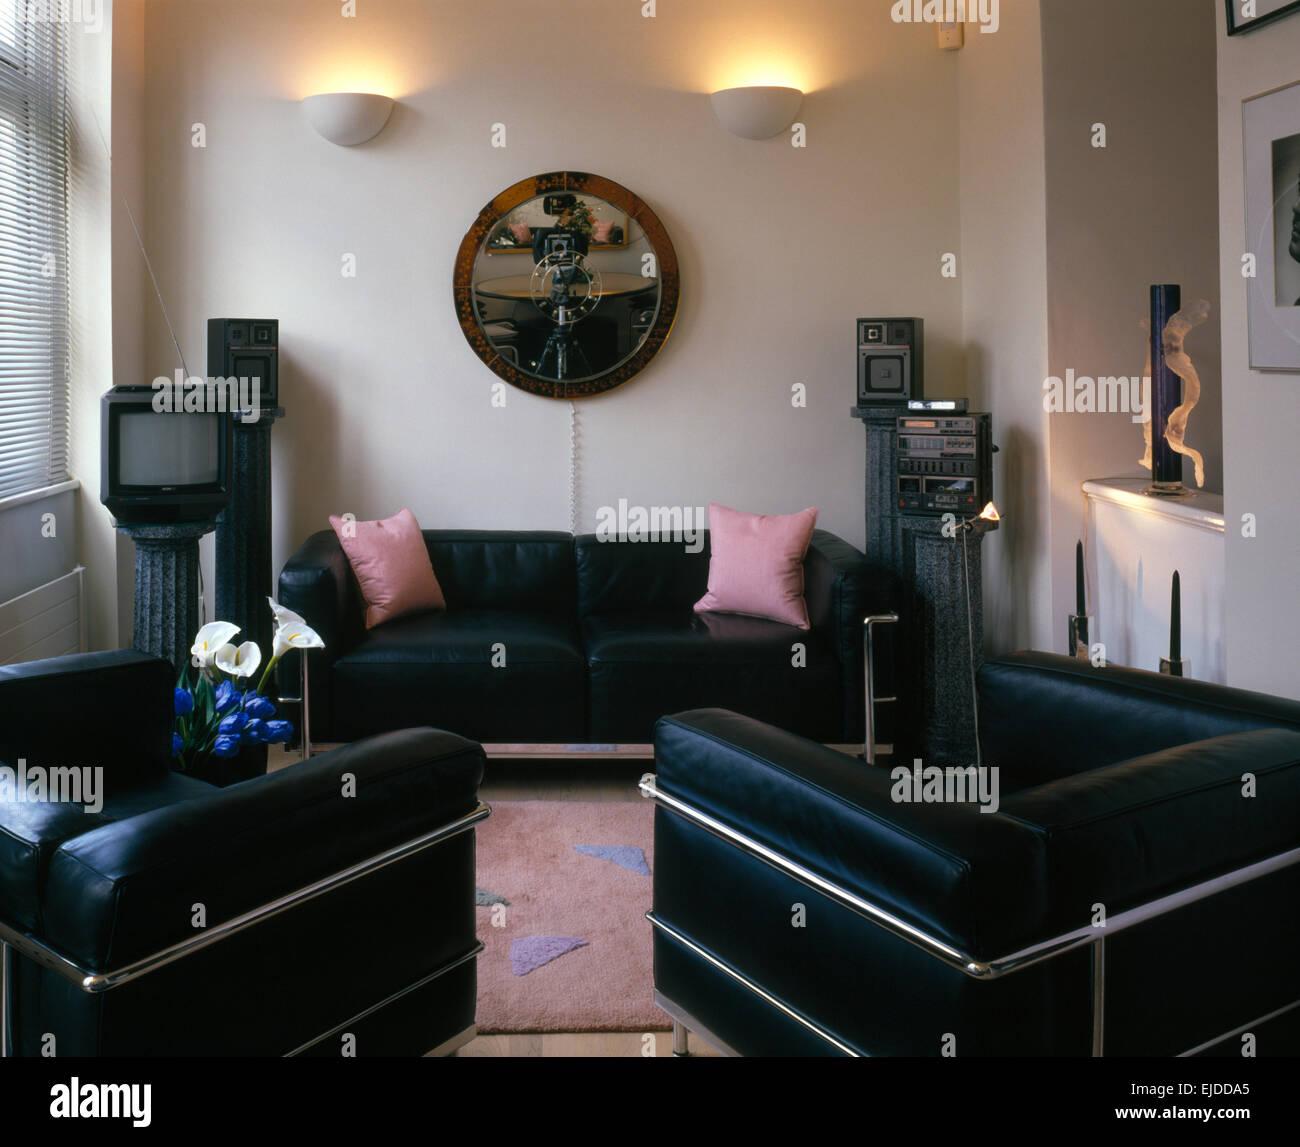 Schwarz Leder Chrom Stuhlen Und Sofa Im Wohnzimmer Mit Vintage